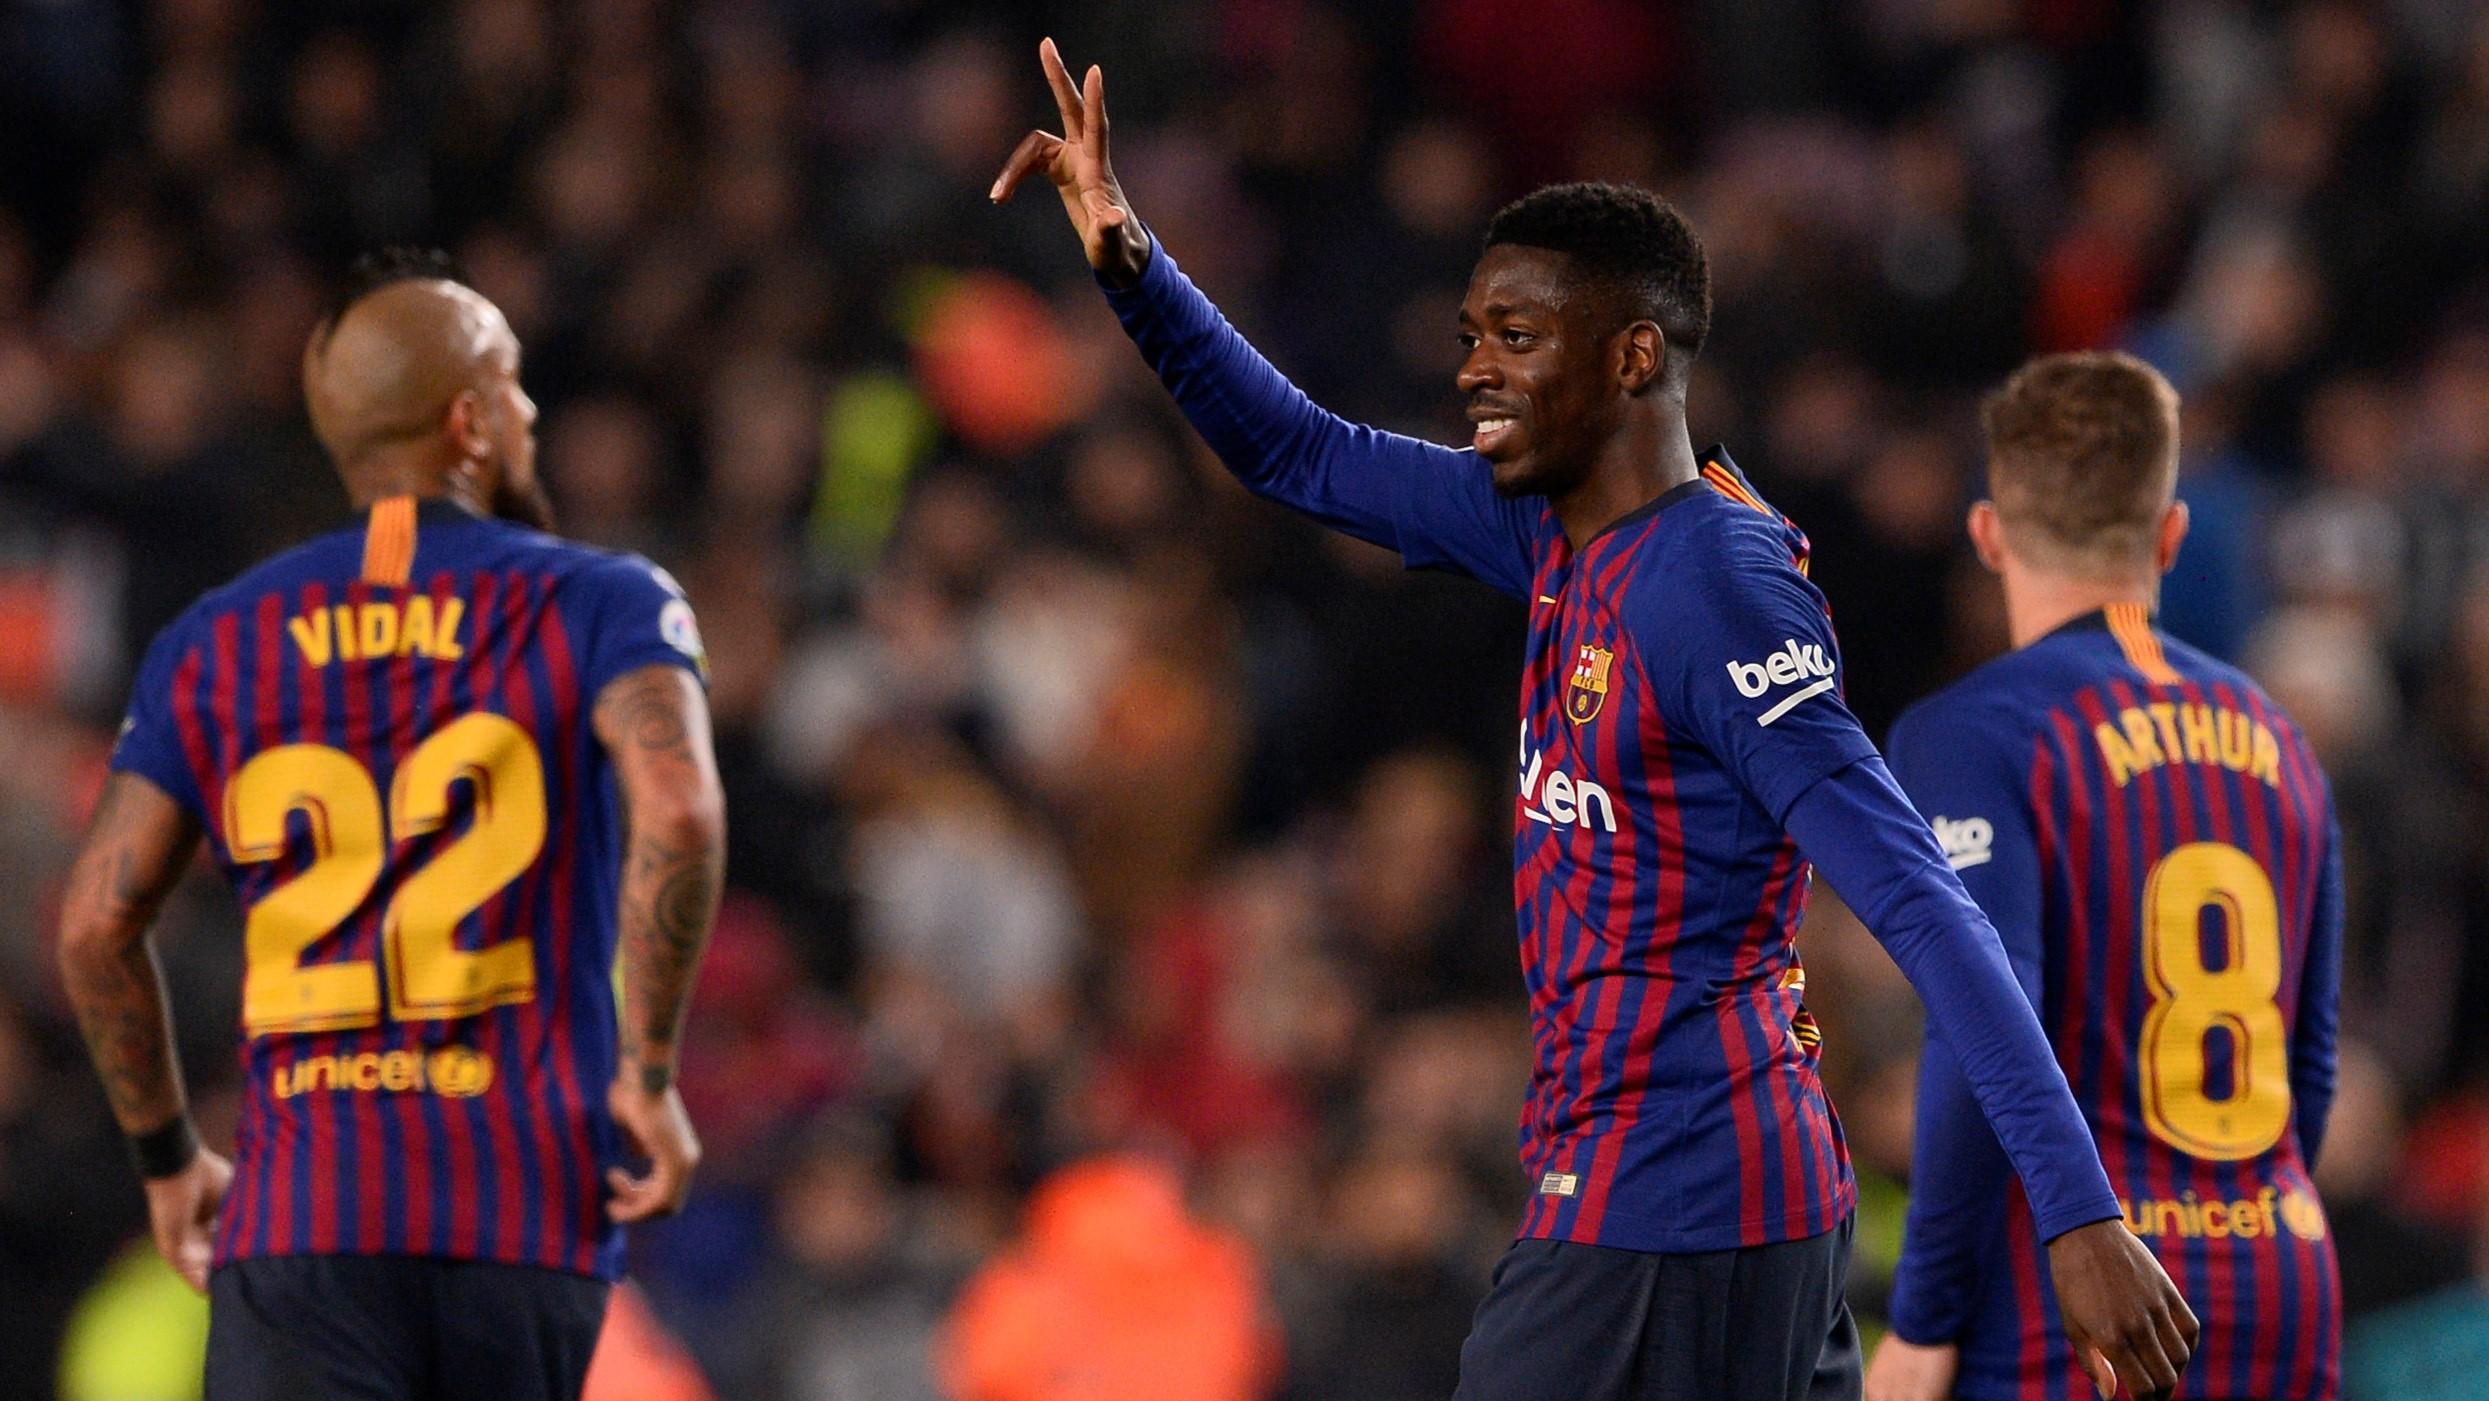 barcelone v levante r u00e9sum u00e9 du match  17  01  2019  coupe du